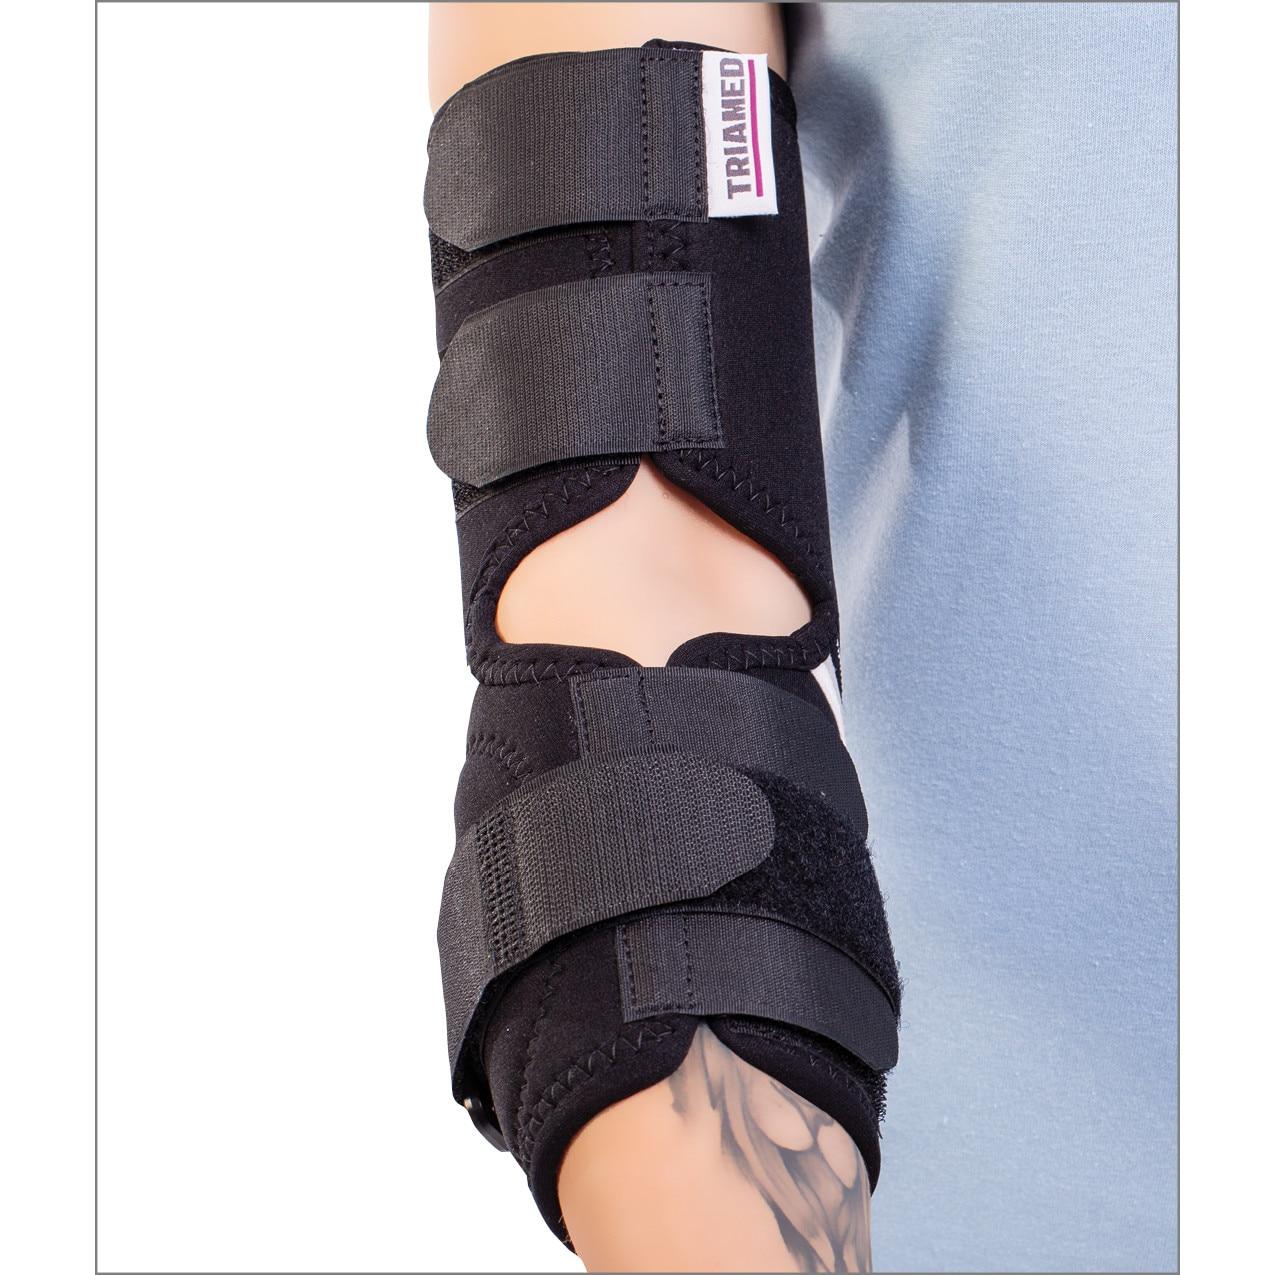 articulația cotului după accidentare